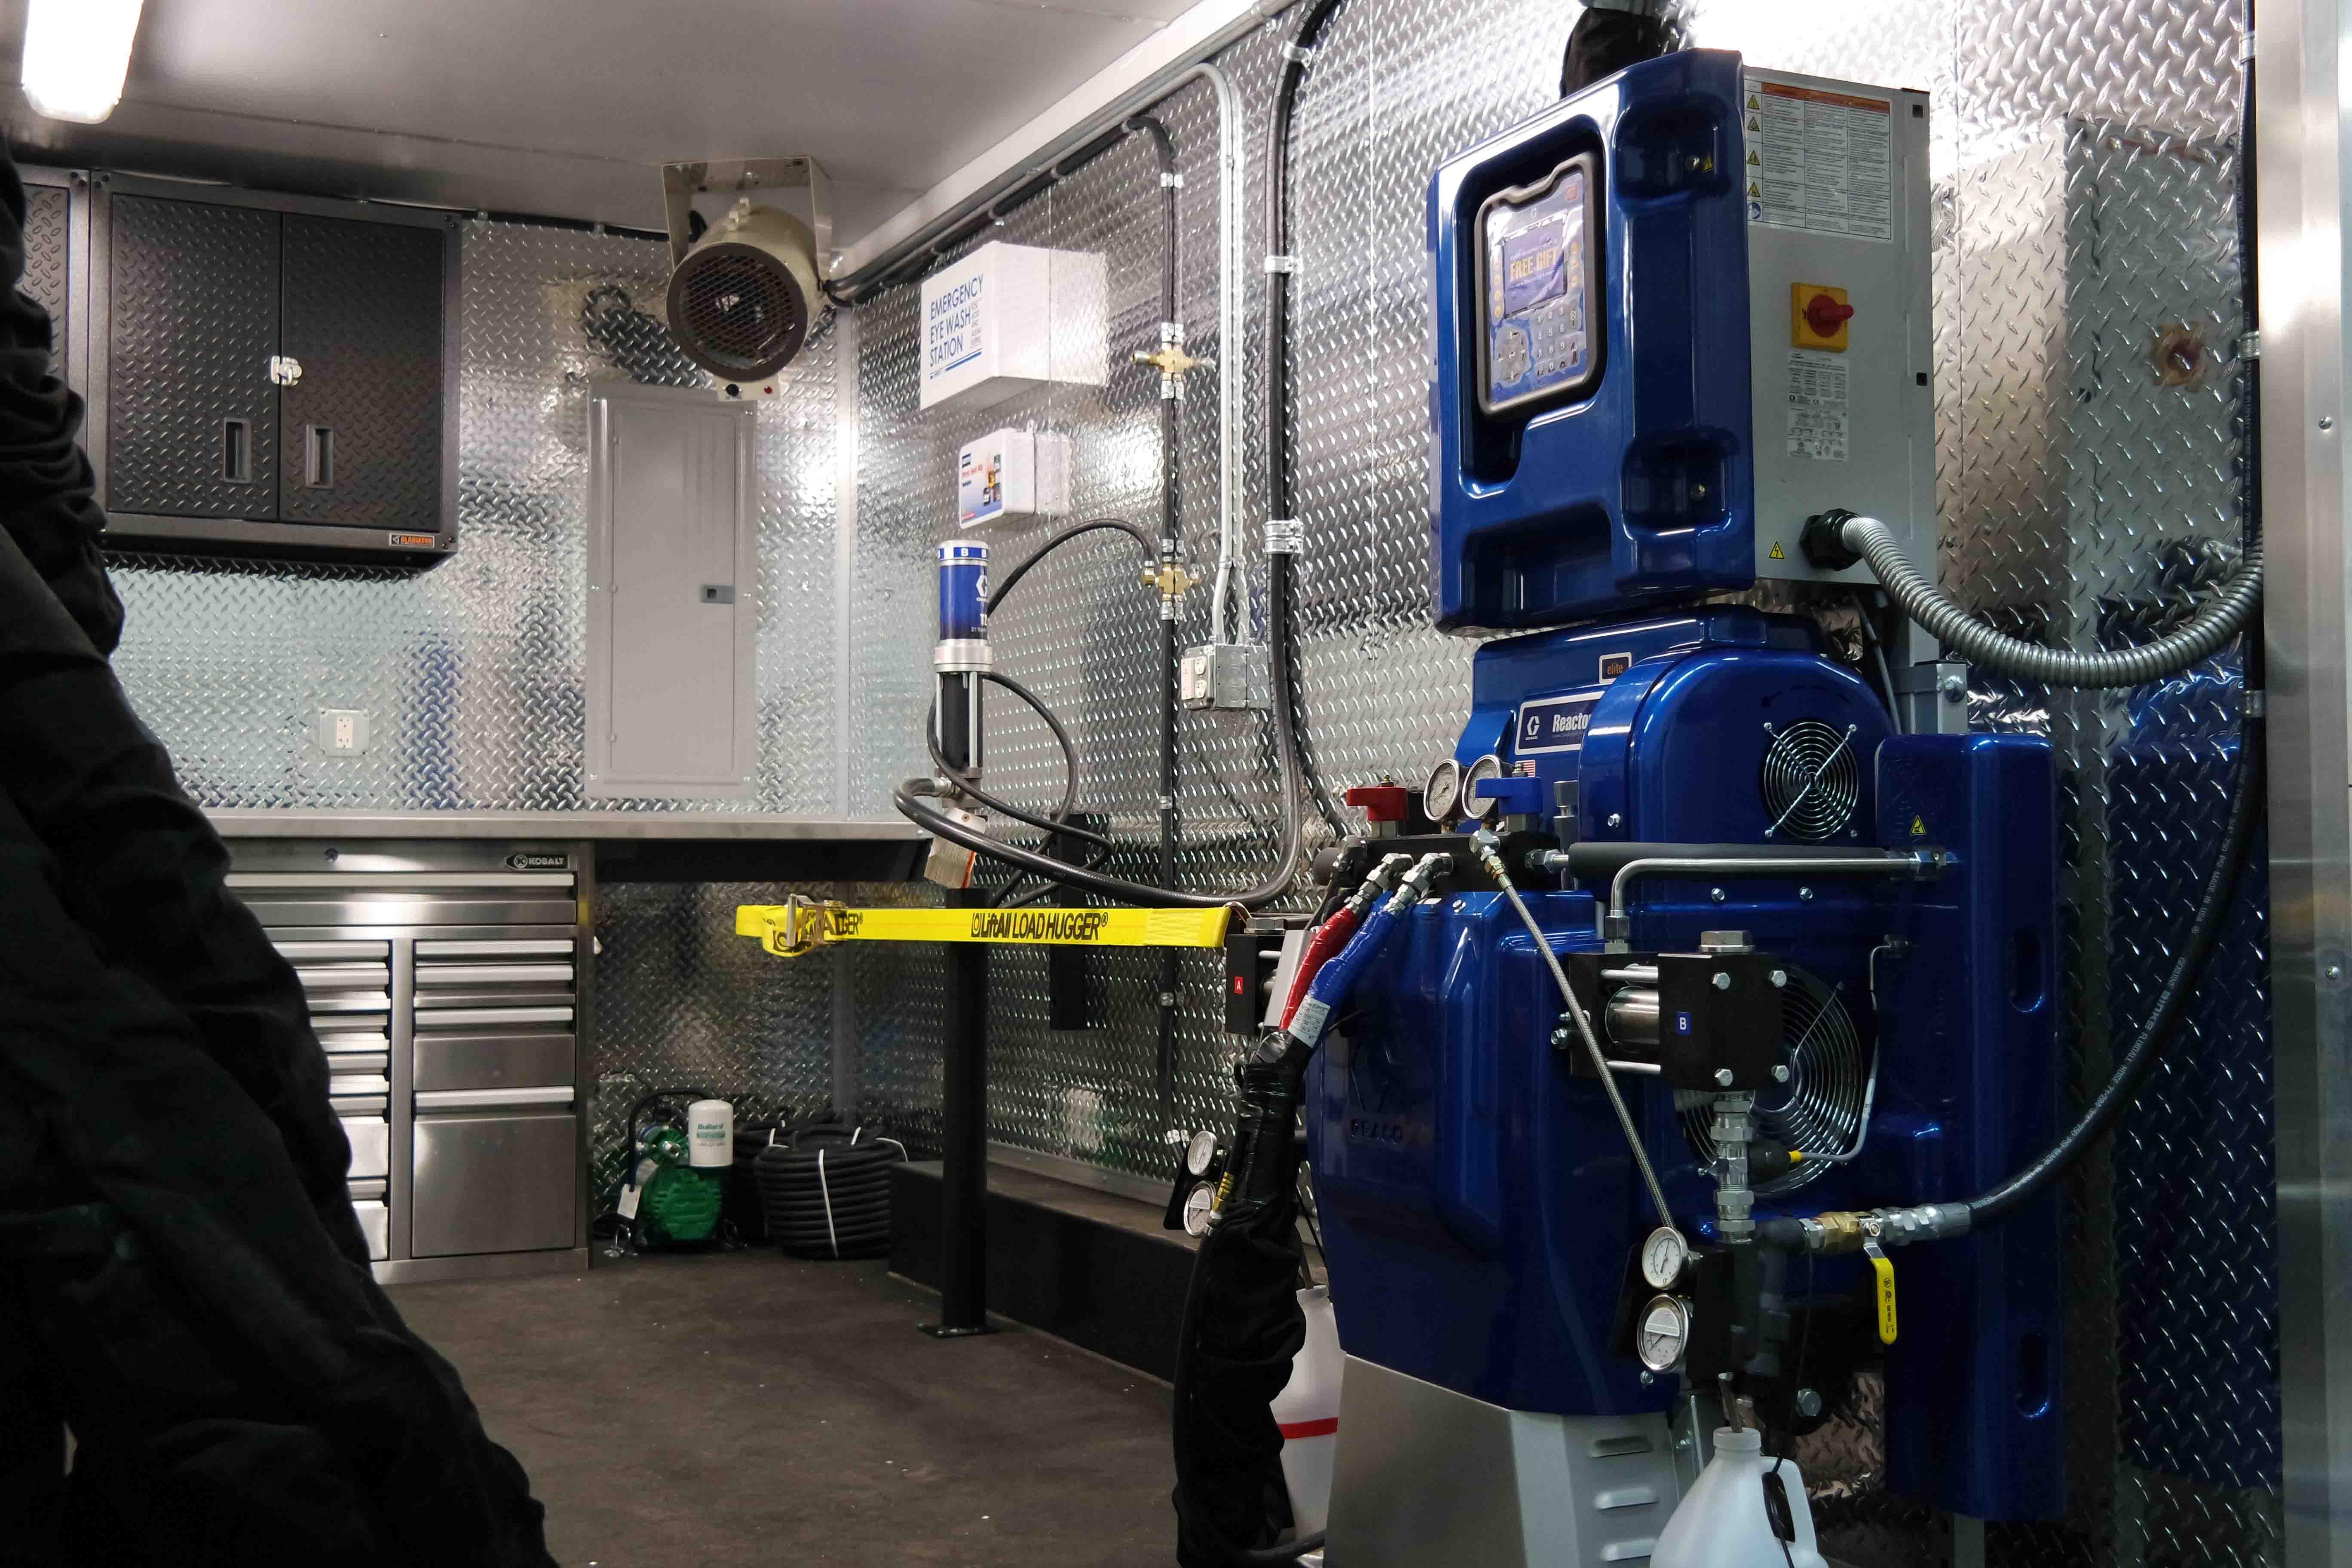 Spray Foam Rig, Spray Foam Box Truck, Spray Foam Trailer